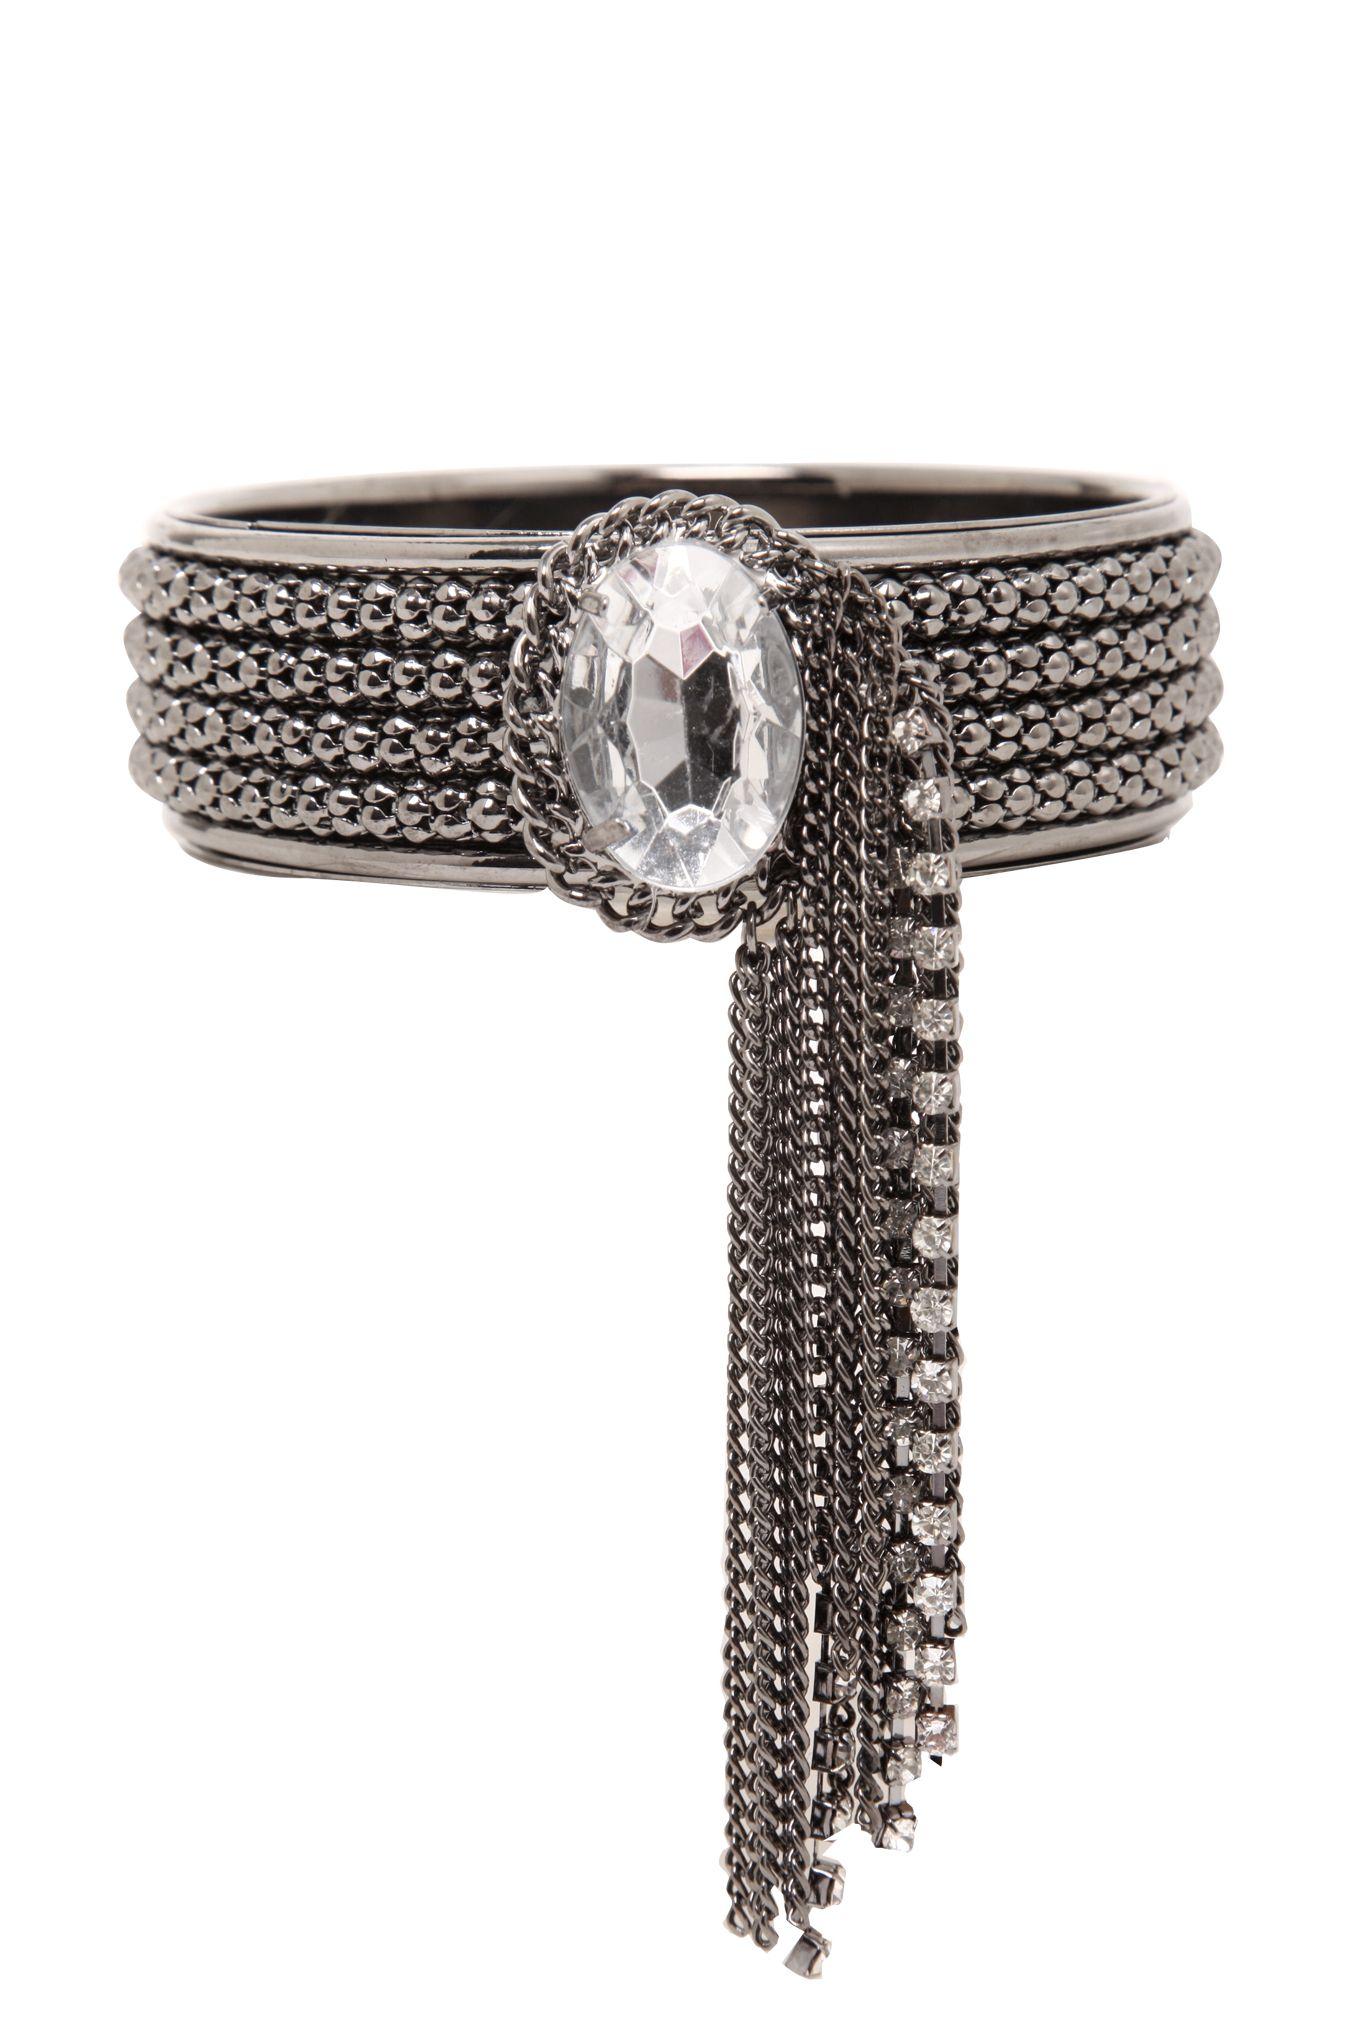 Hematite Rhinestone Chain Bracelet | Torrid